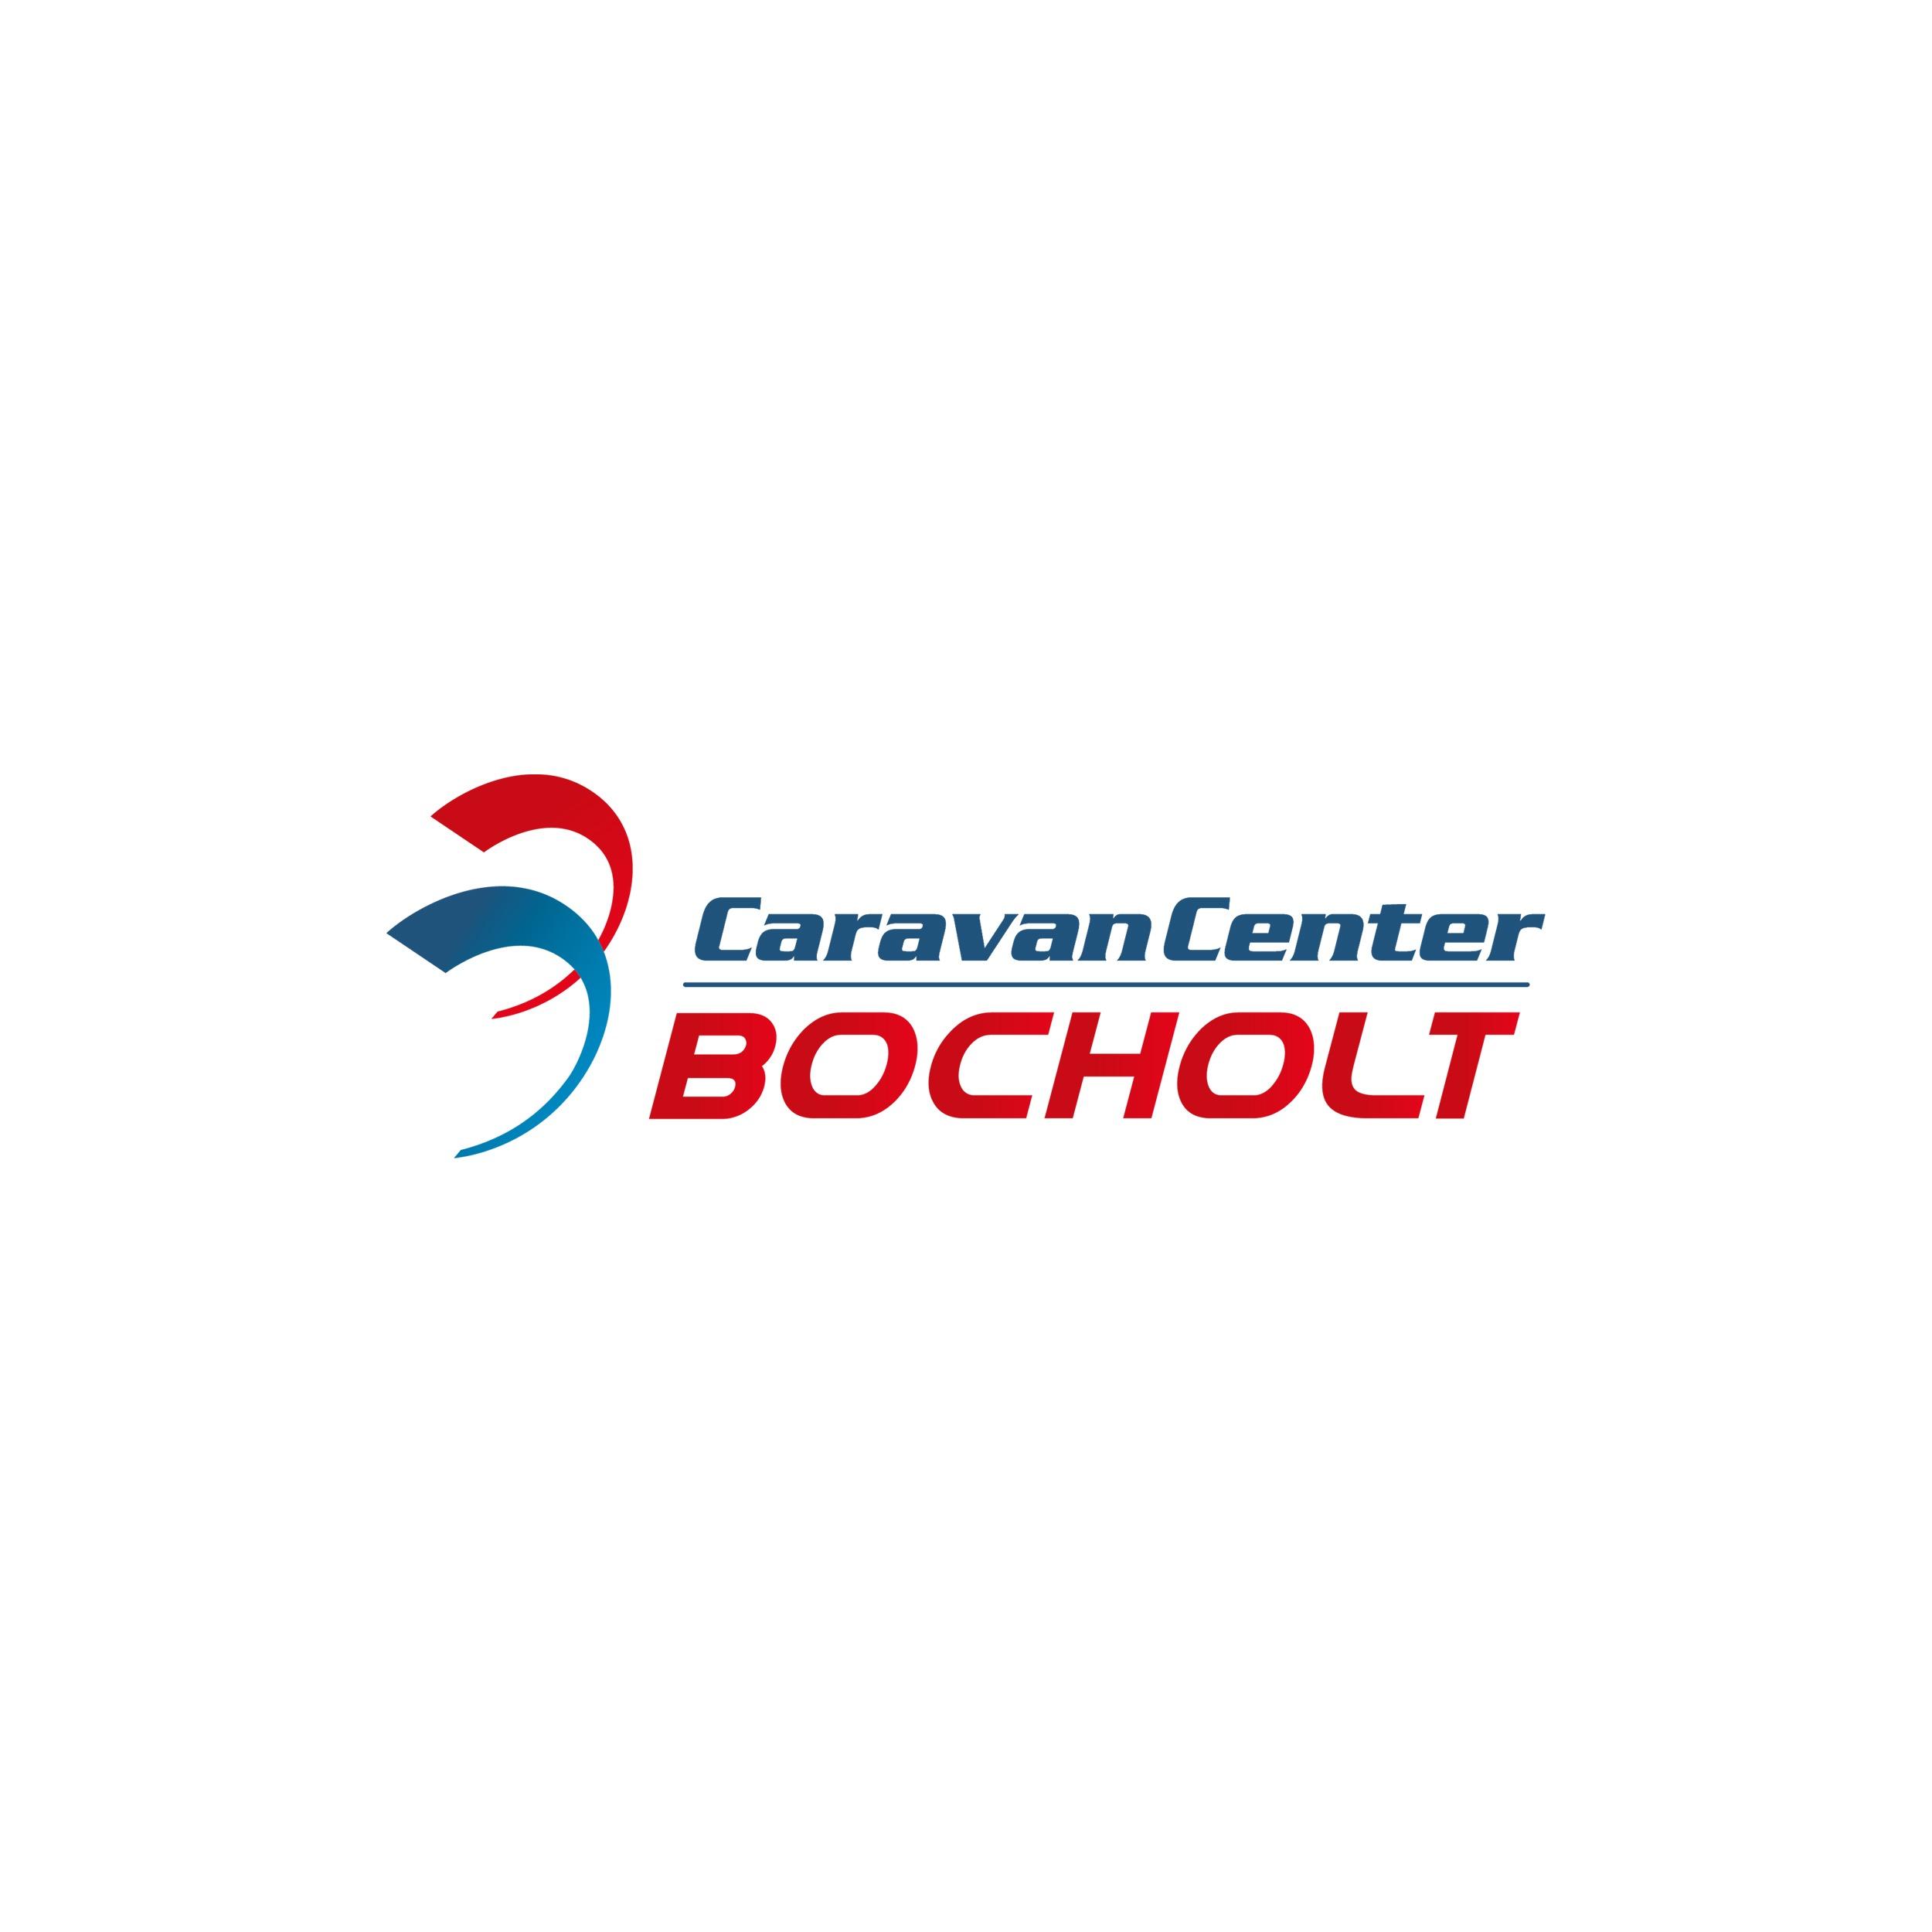 Bocholt800_Basis-Caravan-Center_20210811